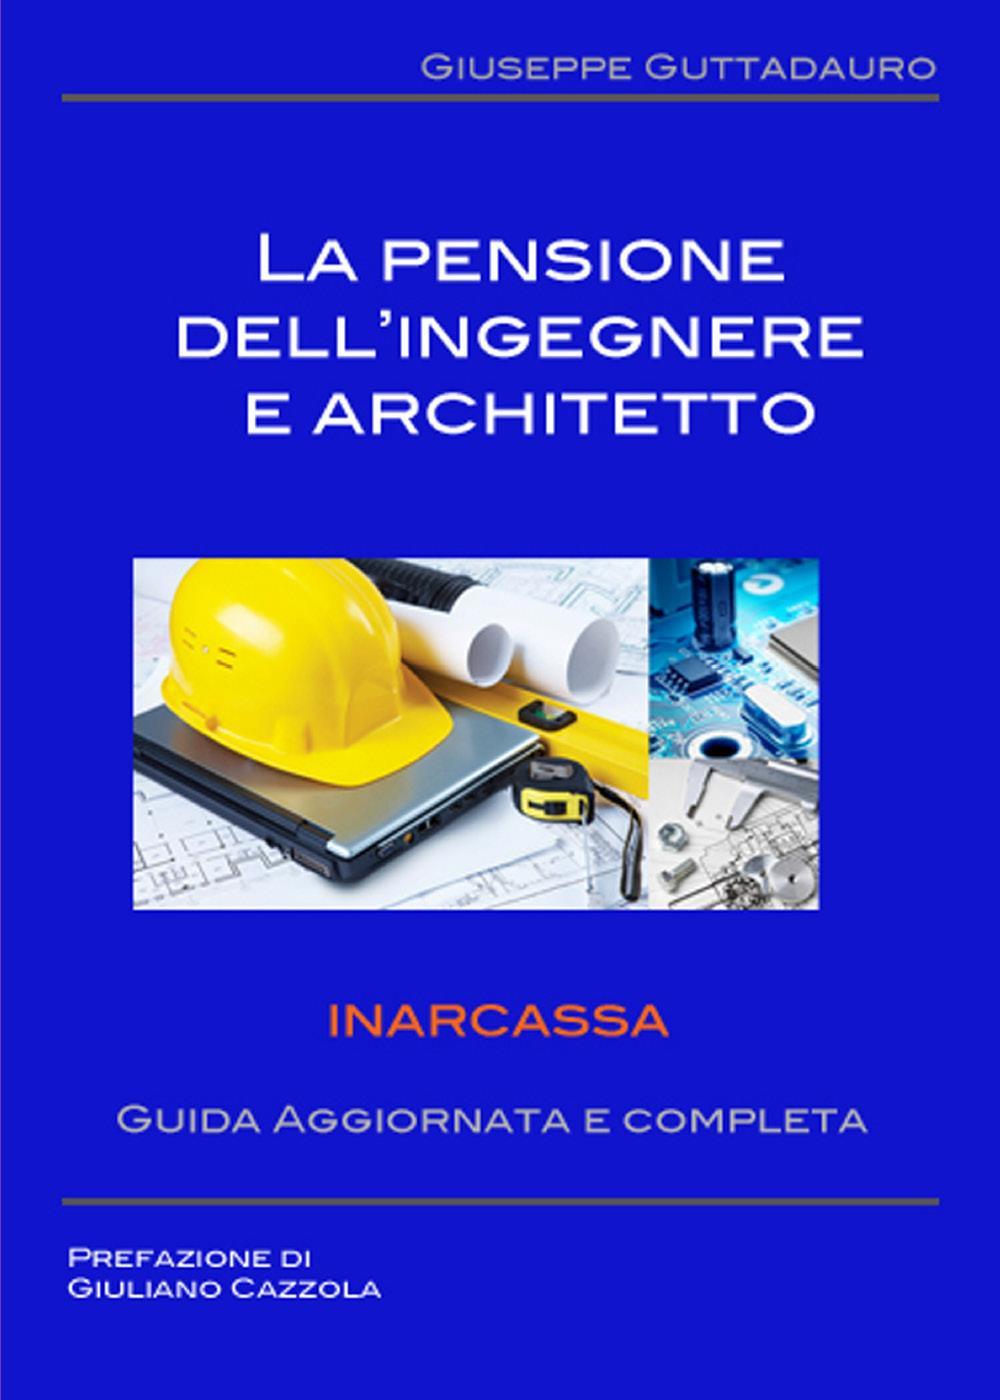 La pensione dell'Ingegnere e Architetto